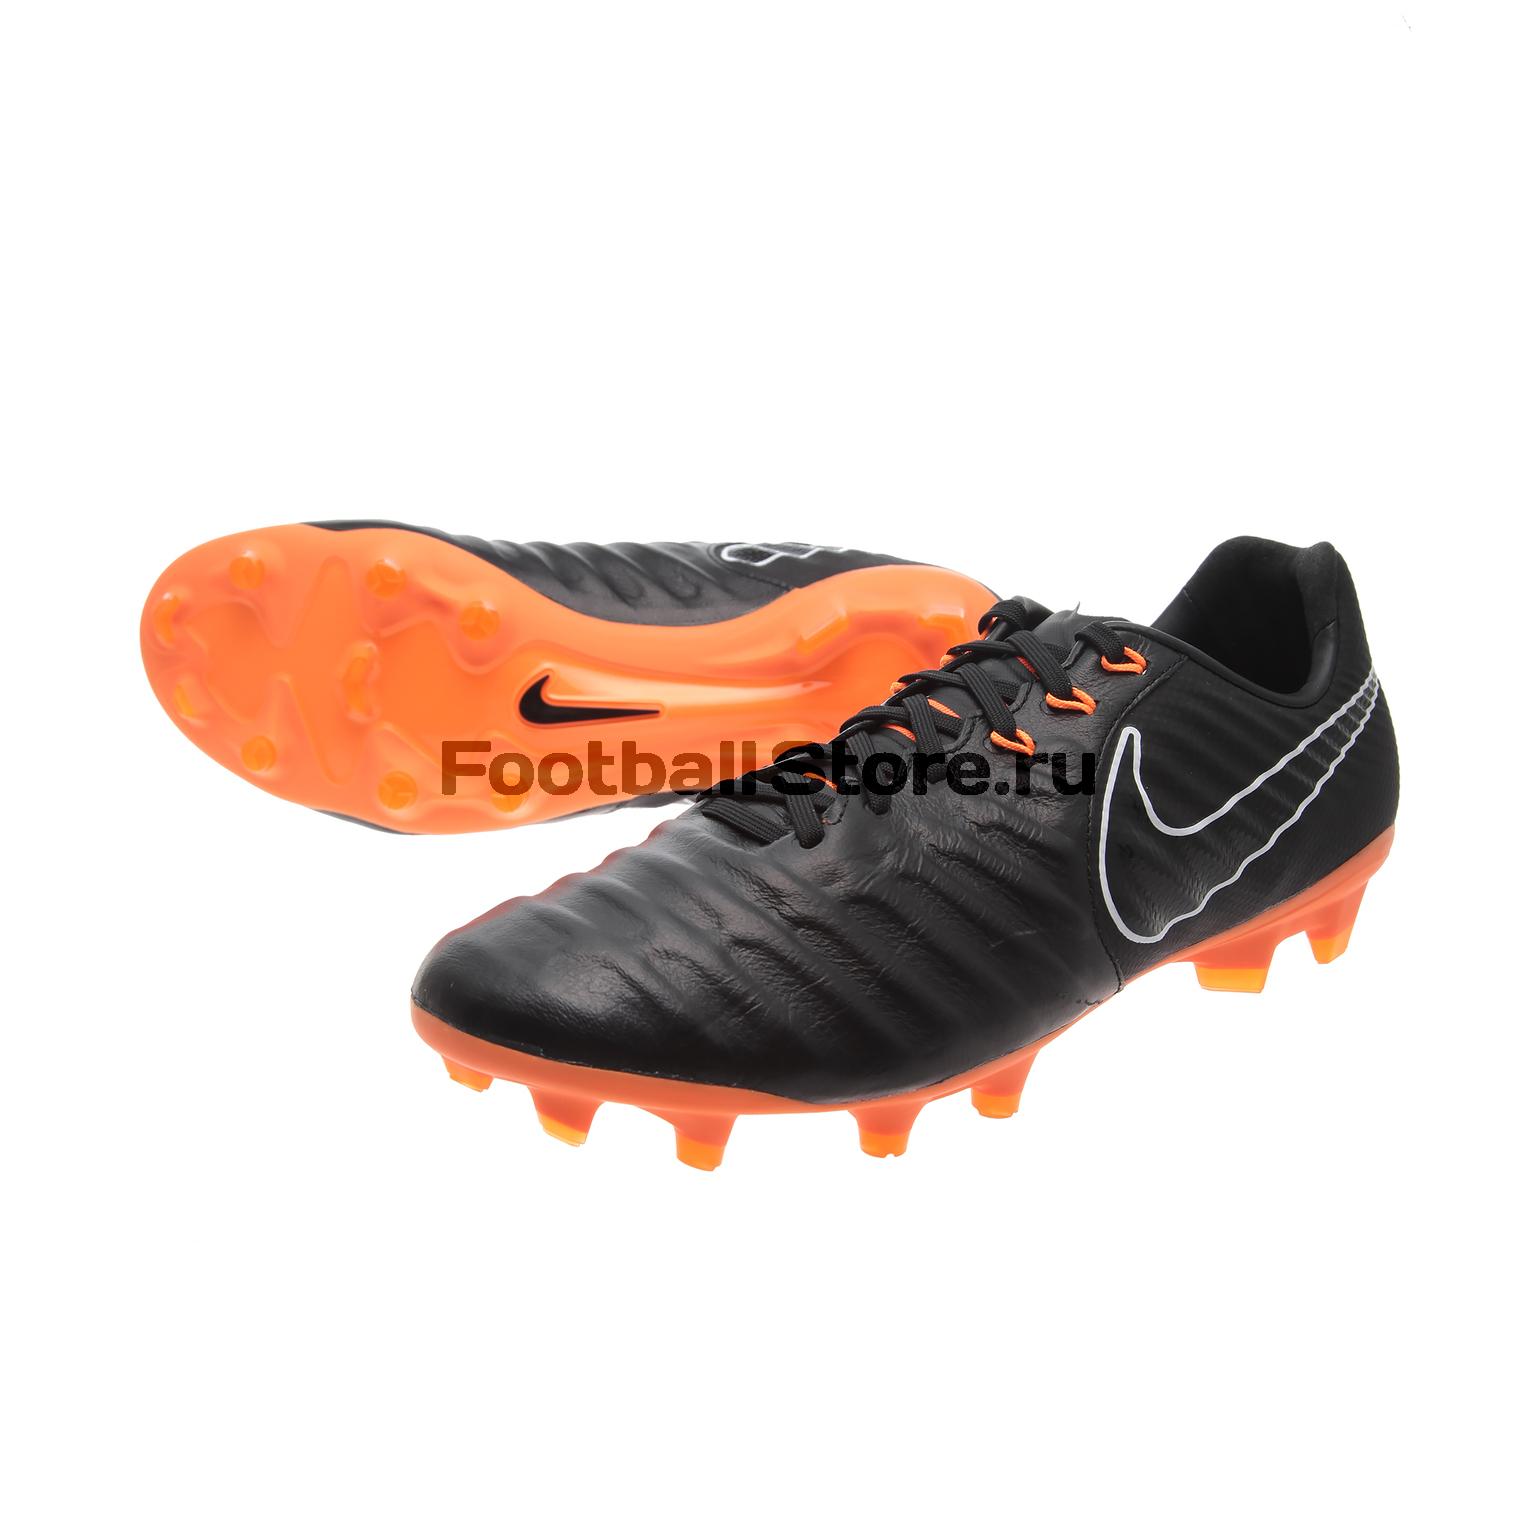 Бутсы Nike Legend 7 Pro FG AH7241-080 детские бутсы nike бутсы nike jr phantom 3 elite df fg ah7292 081